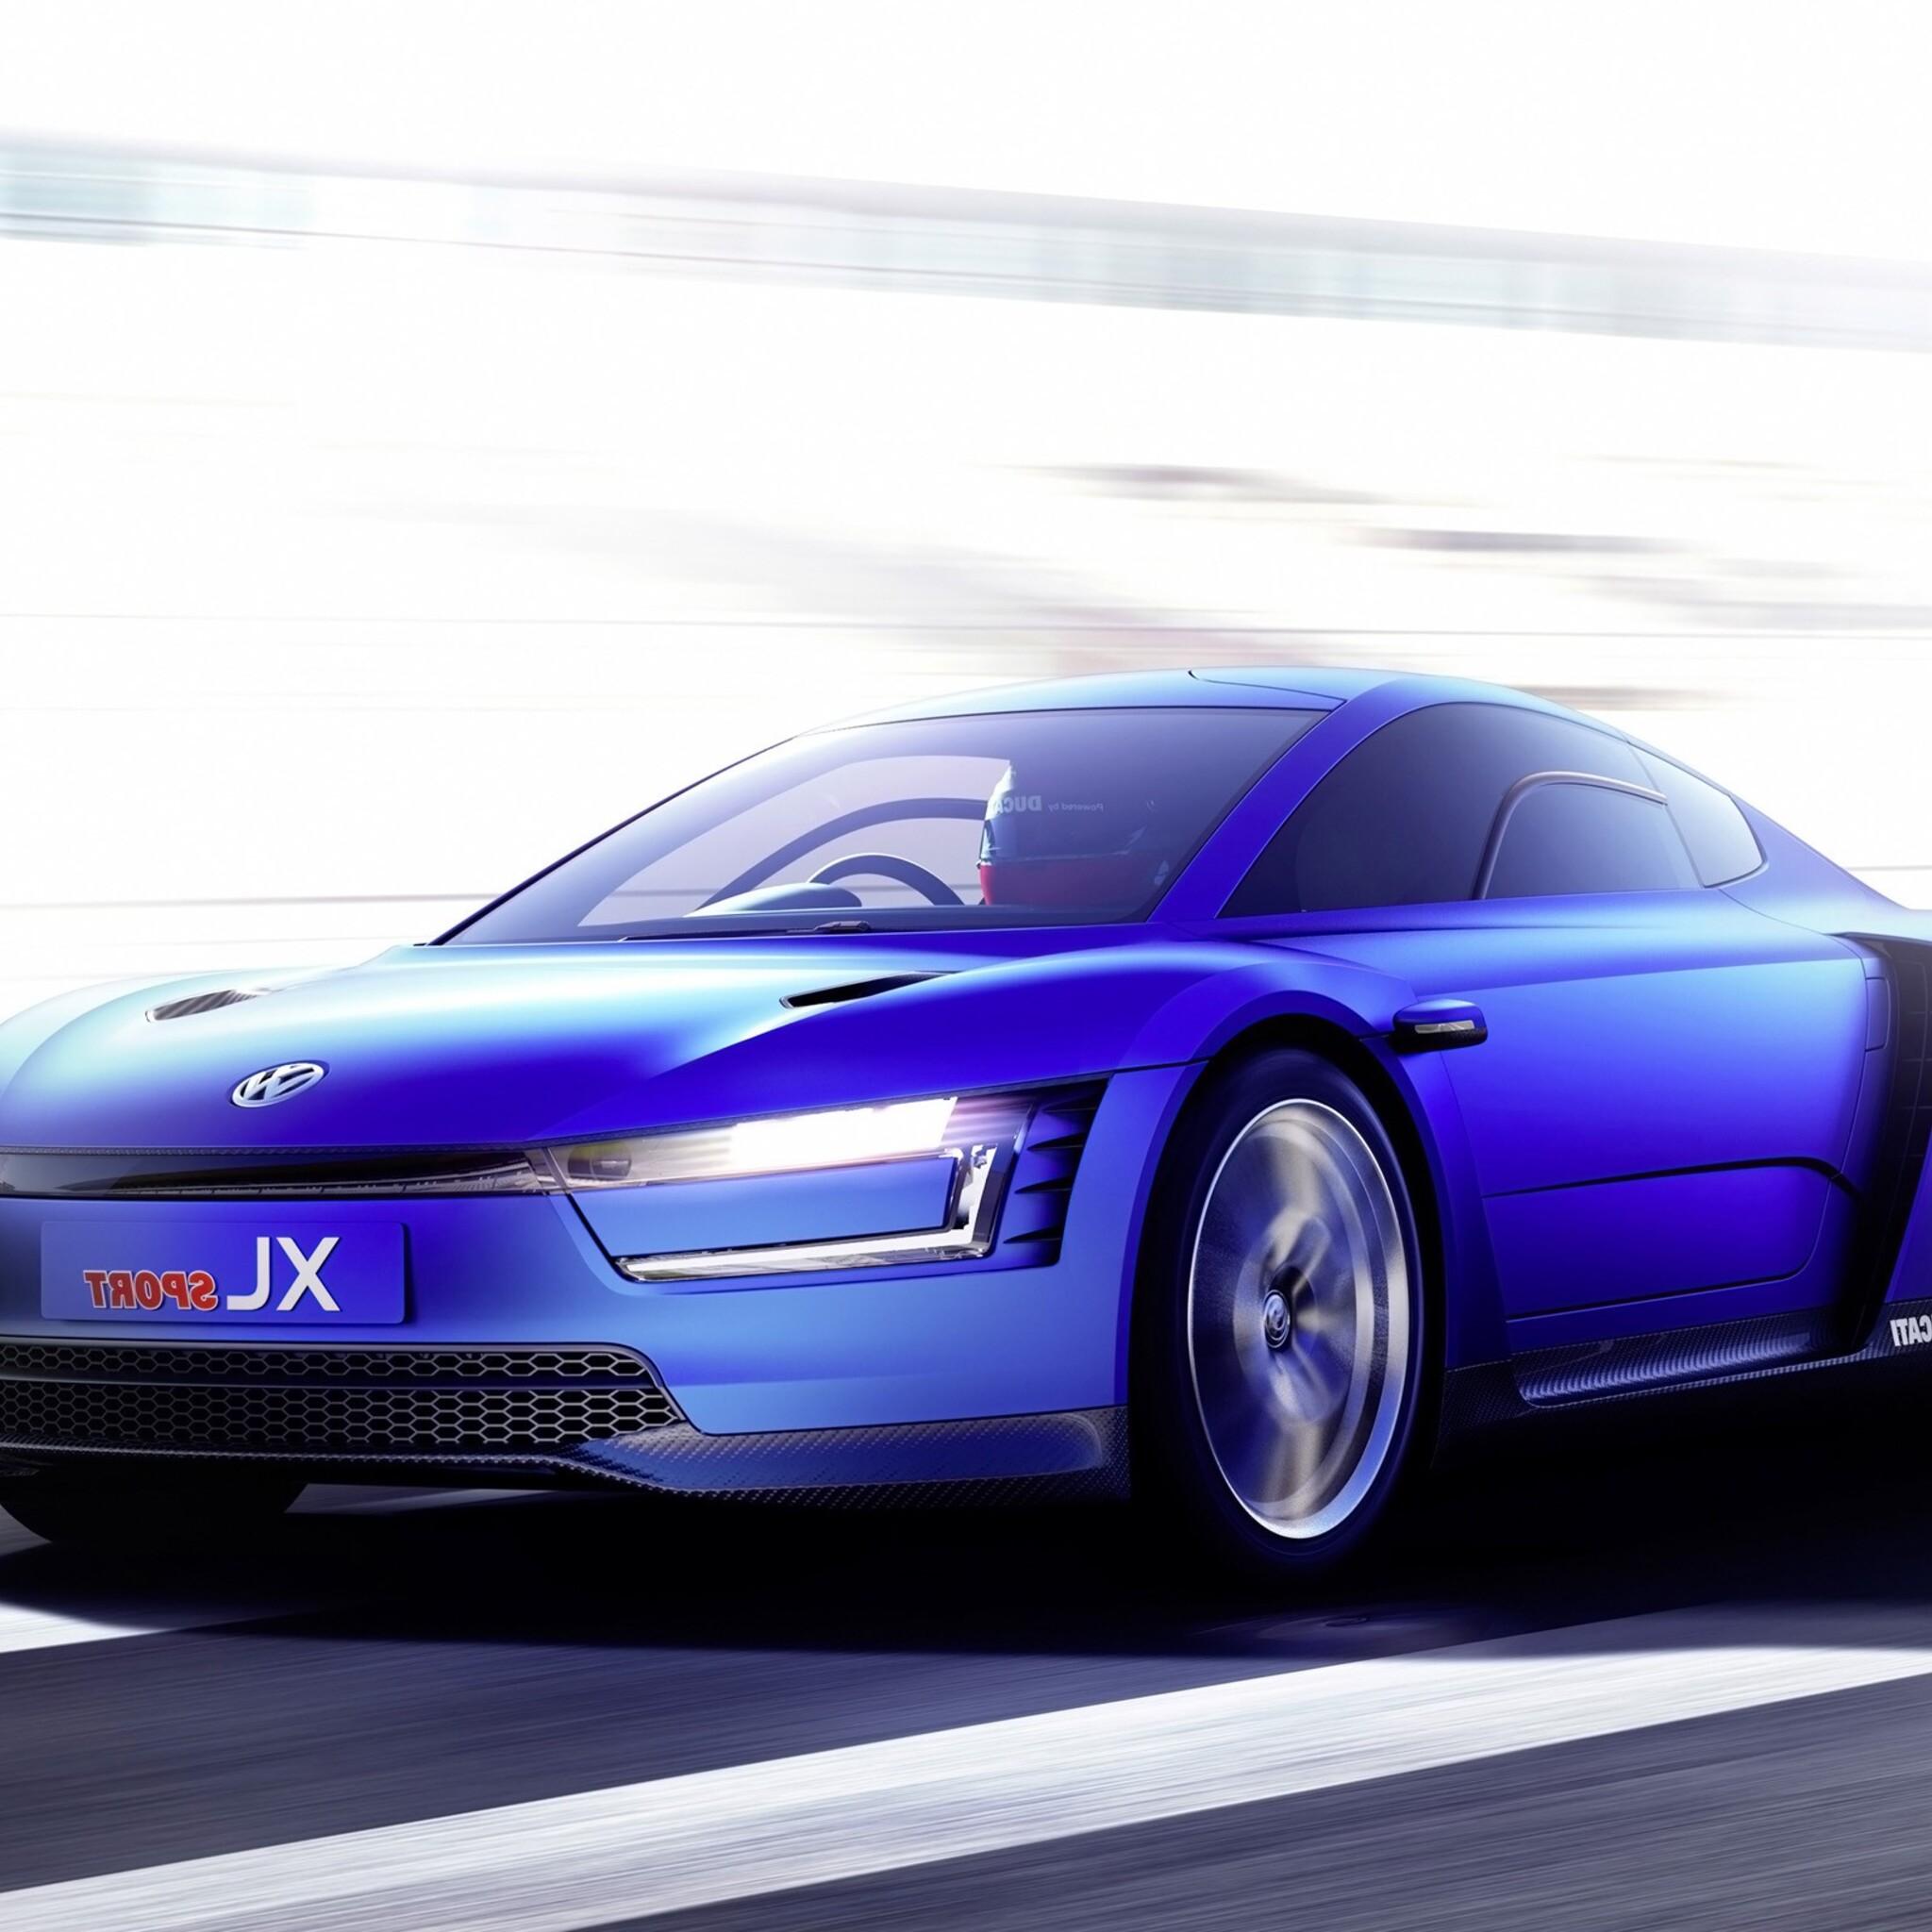 2048x2048 Volkswagen Xl Sport Car Concept Ipad Air HD 4k